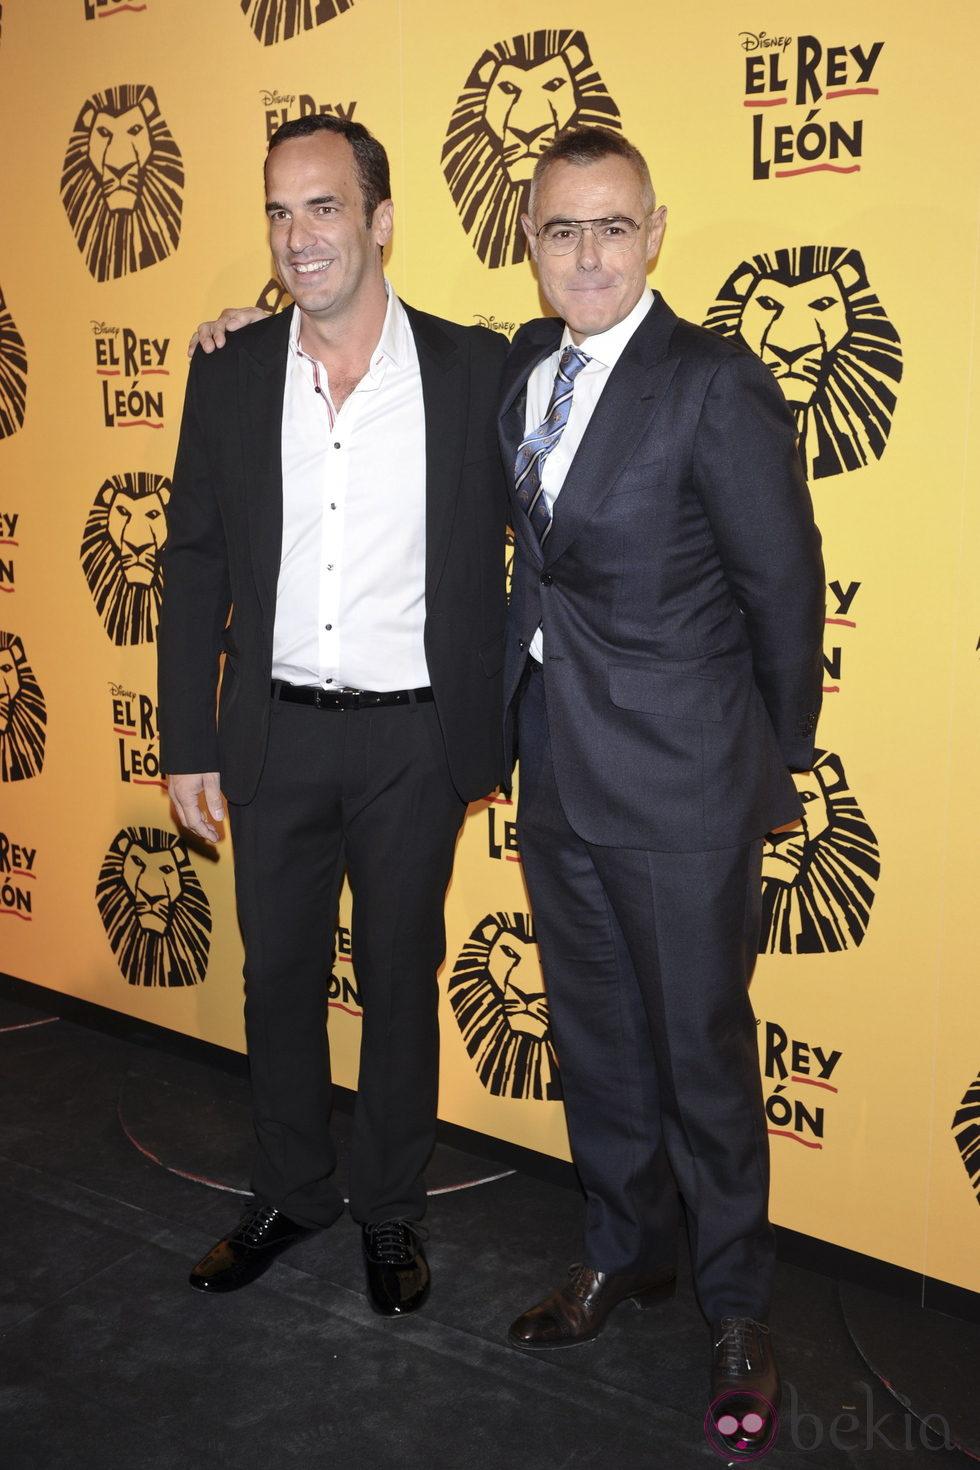 ¿Cuánto mide Jordi González? - Altura 10521_santi-acosta-y-jordi-gonzalez-en-el-estreno-del-musical-el-rey-leon-en-madrid